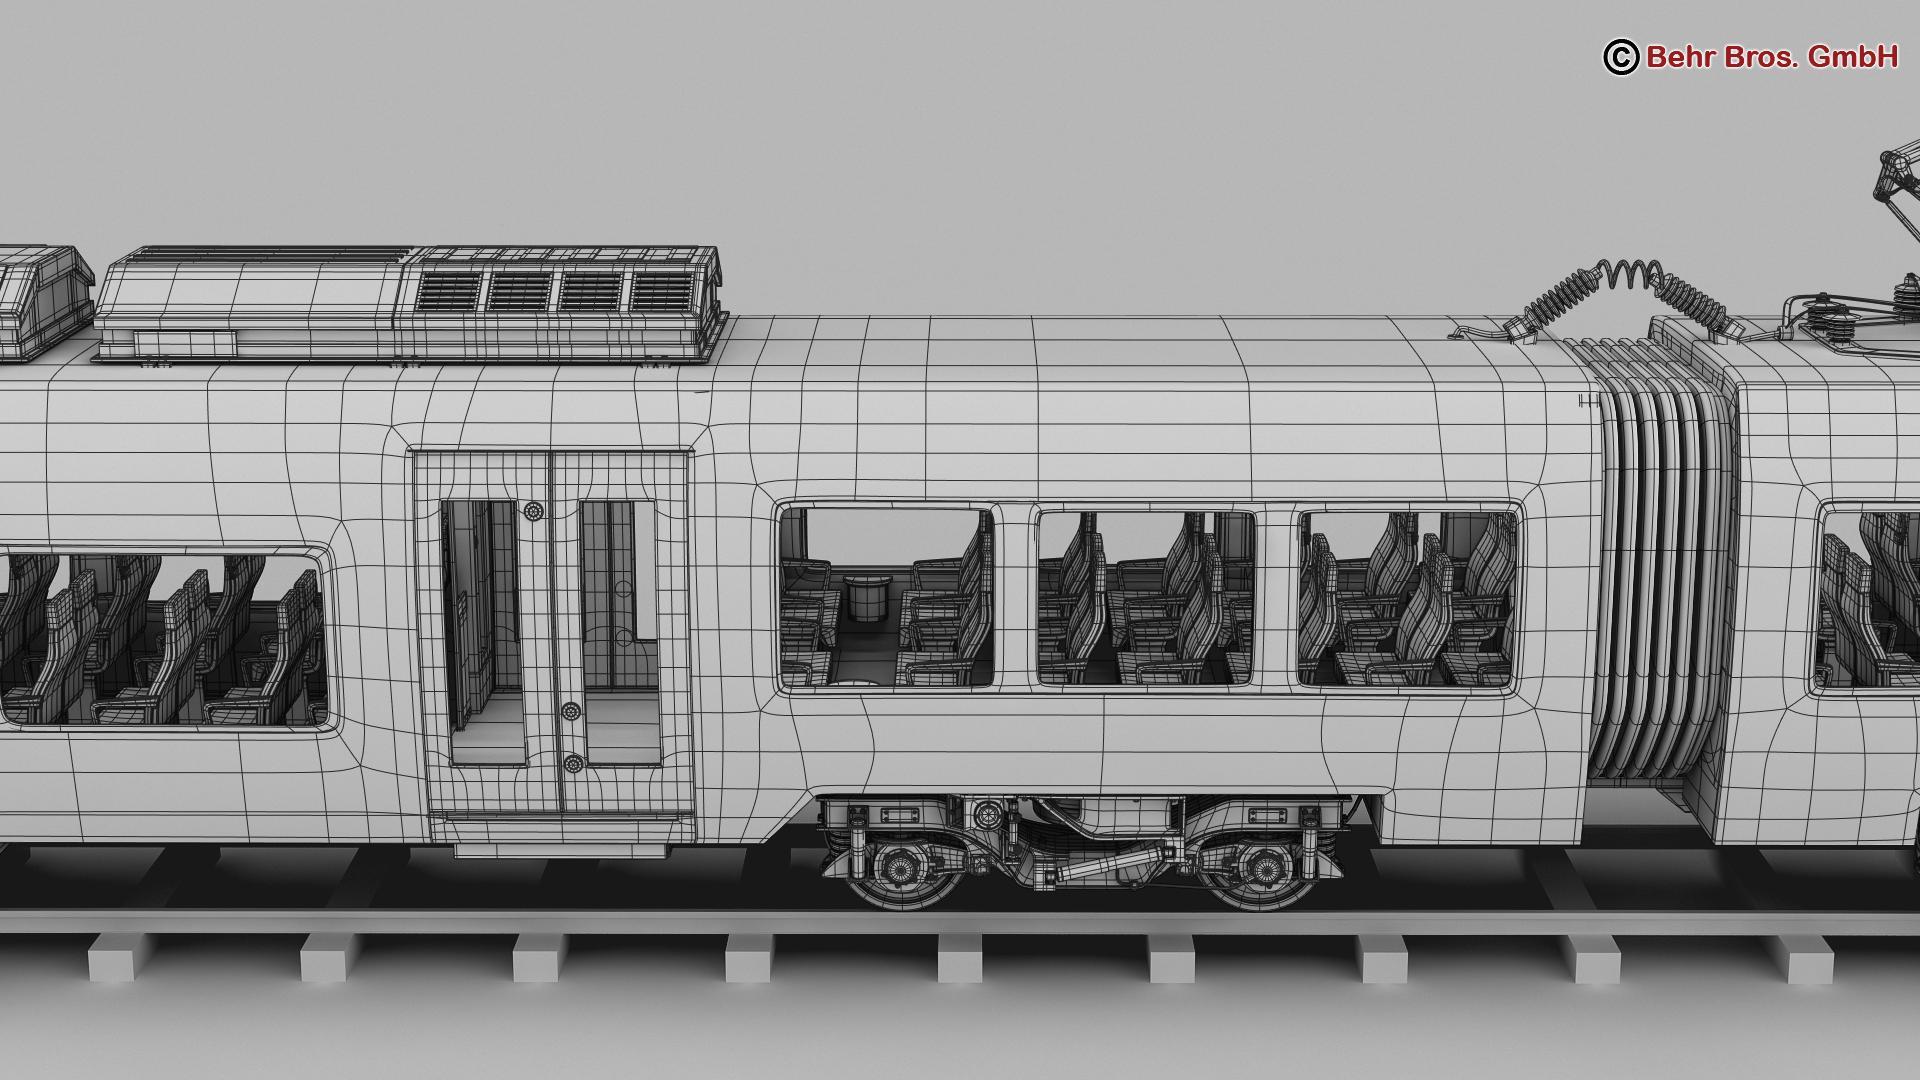 generic commuter train 3d model 3ds max fbx c4d ma mb obj 206636